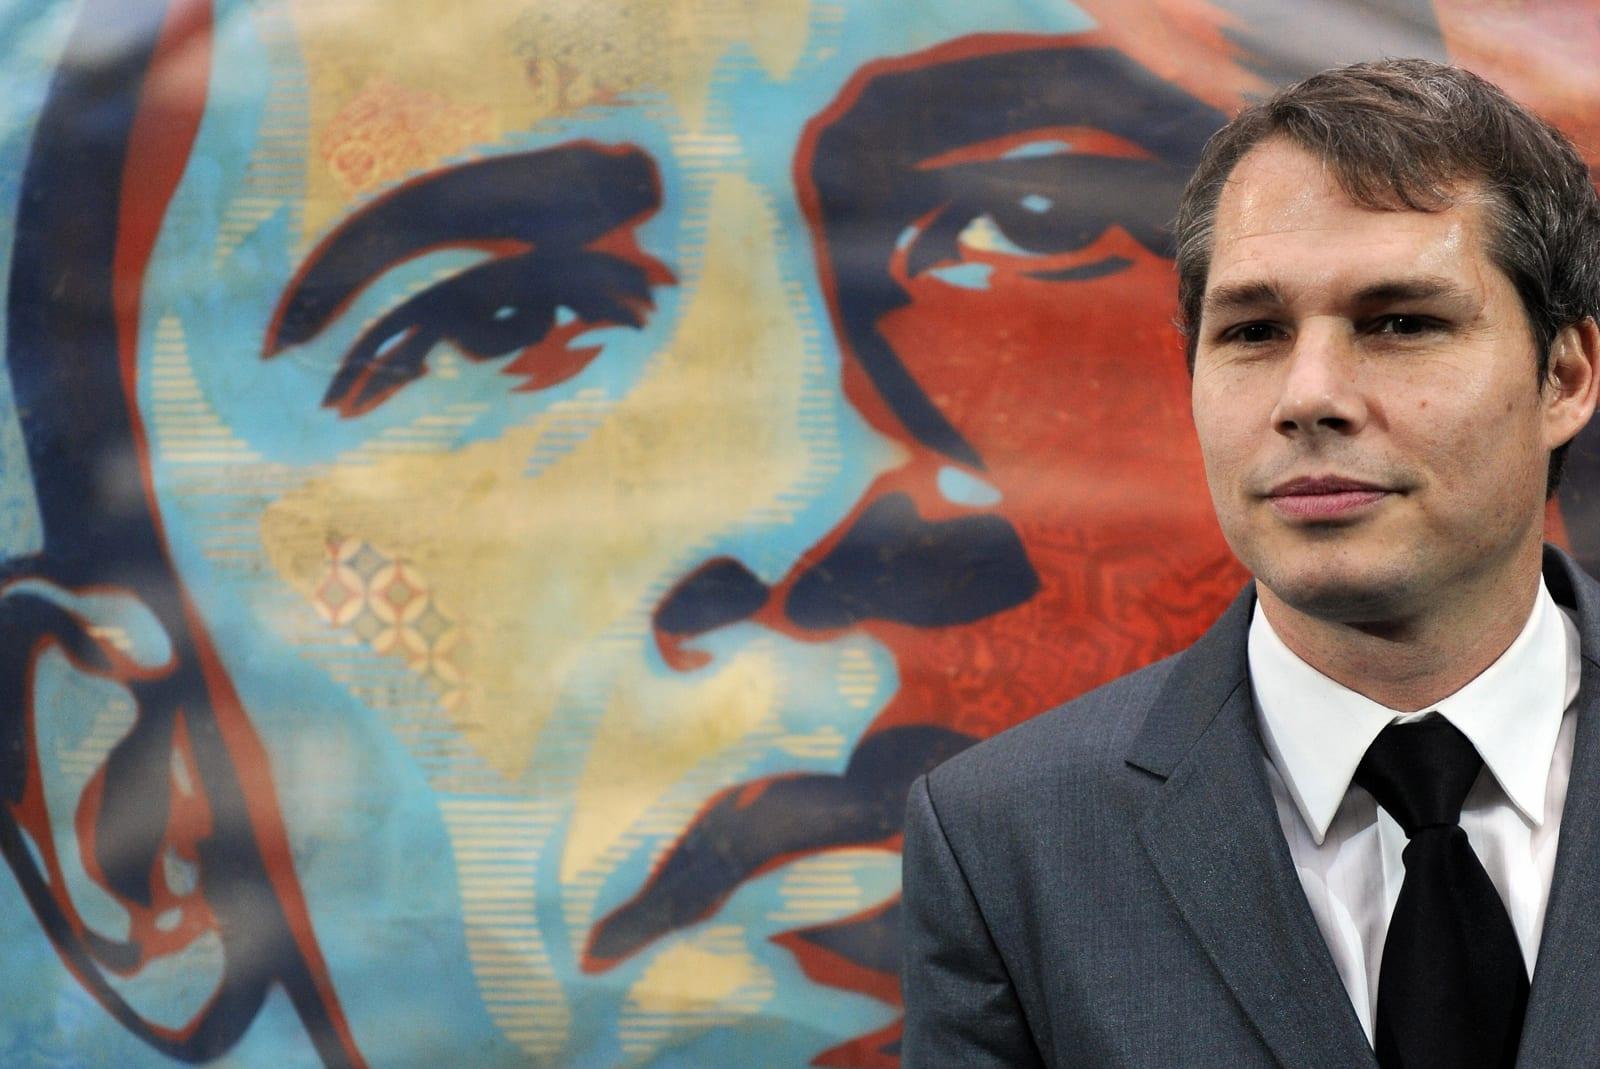 Resultado de imagen para murales obeygiant obama